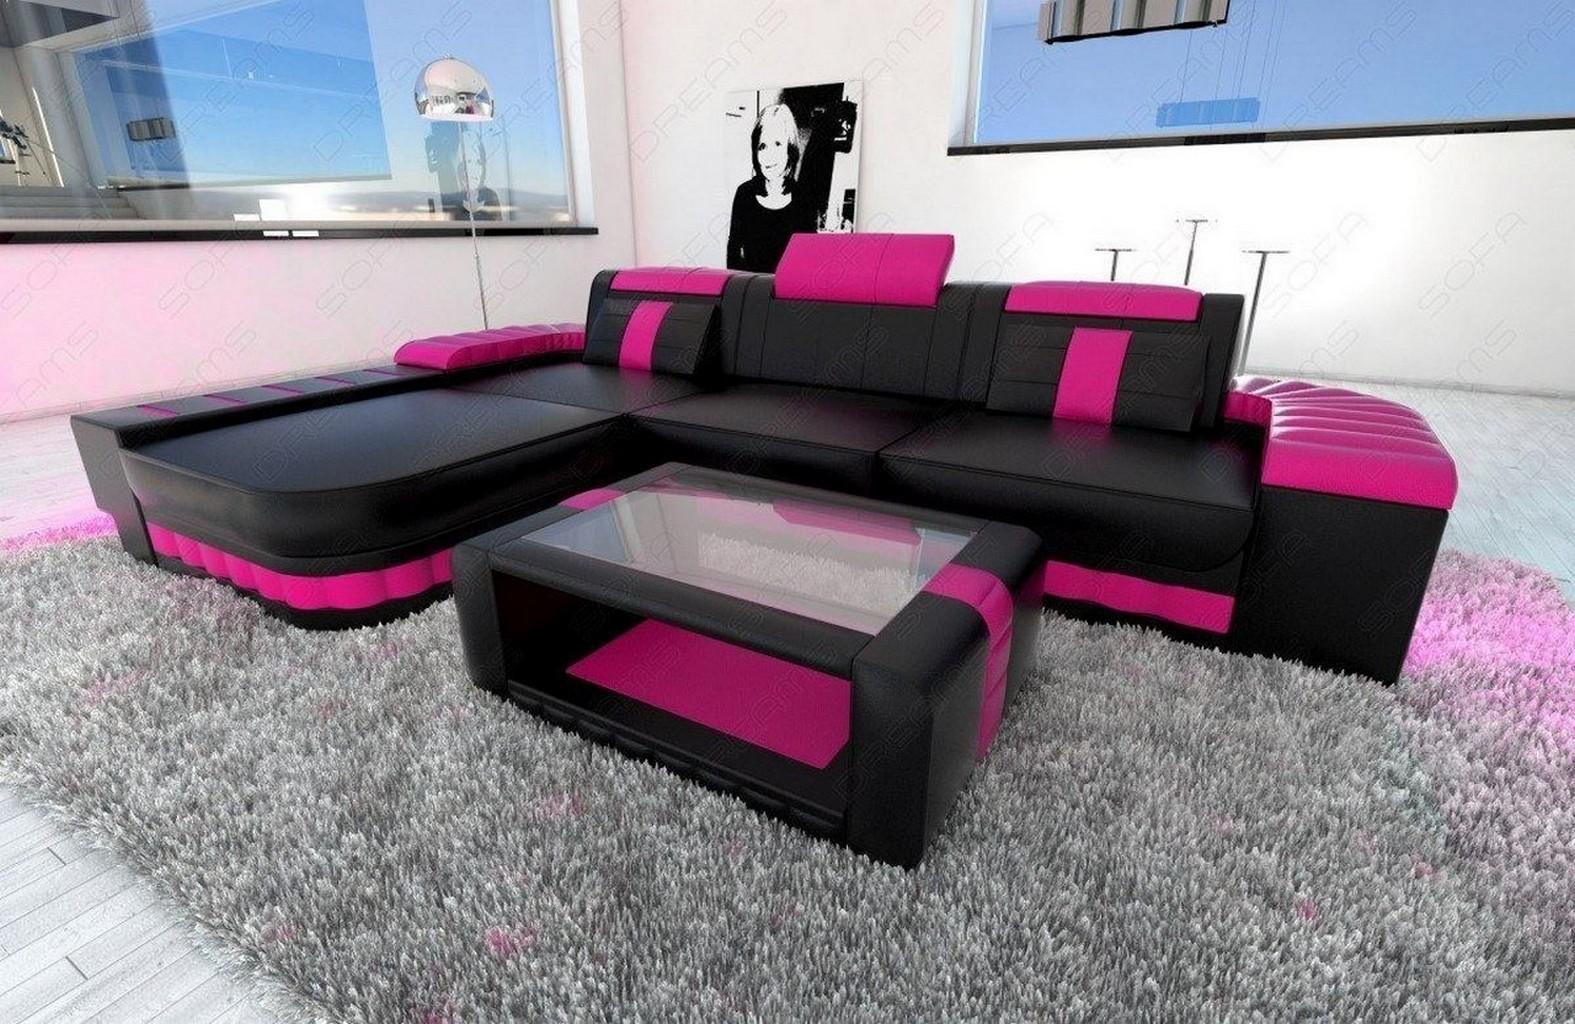 ledersofa bellagio l form design sofa couch mit led couchgarnitur schwarz pink ebay. Black Bedroom Furniture Sets. Home Design Ideas